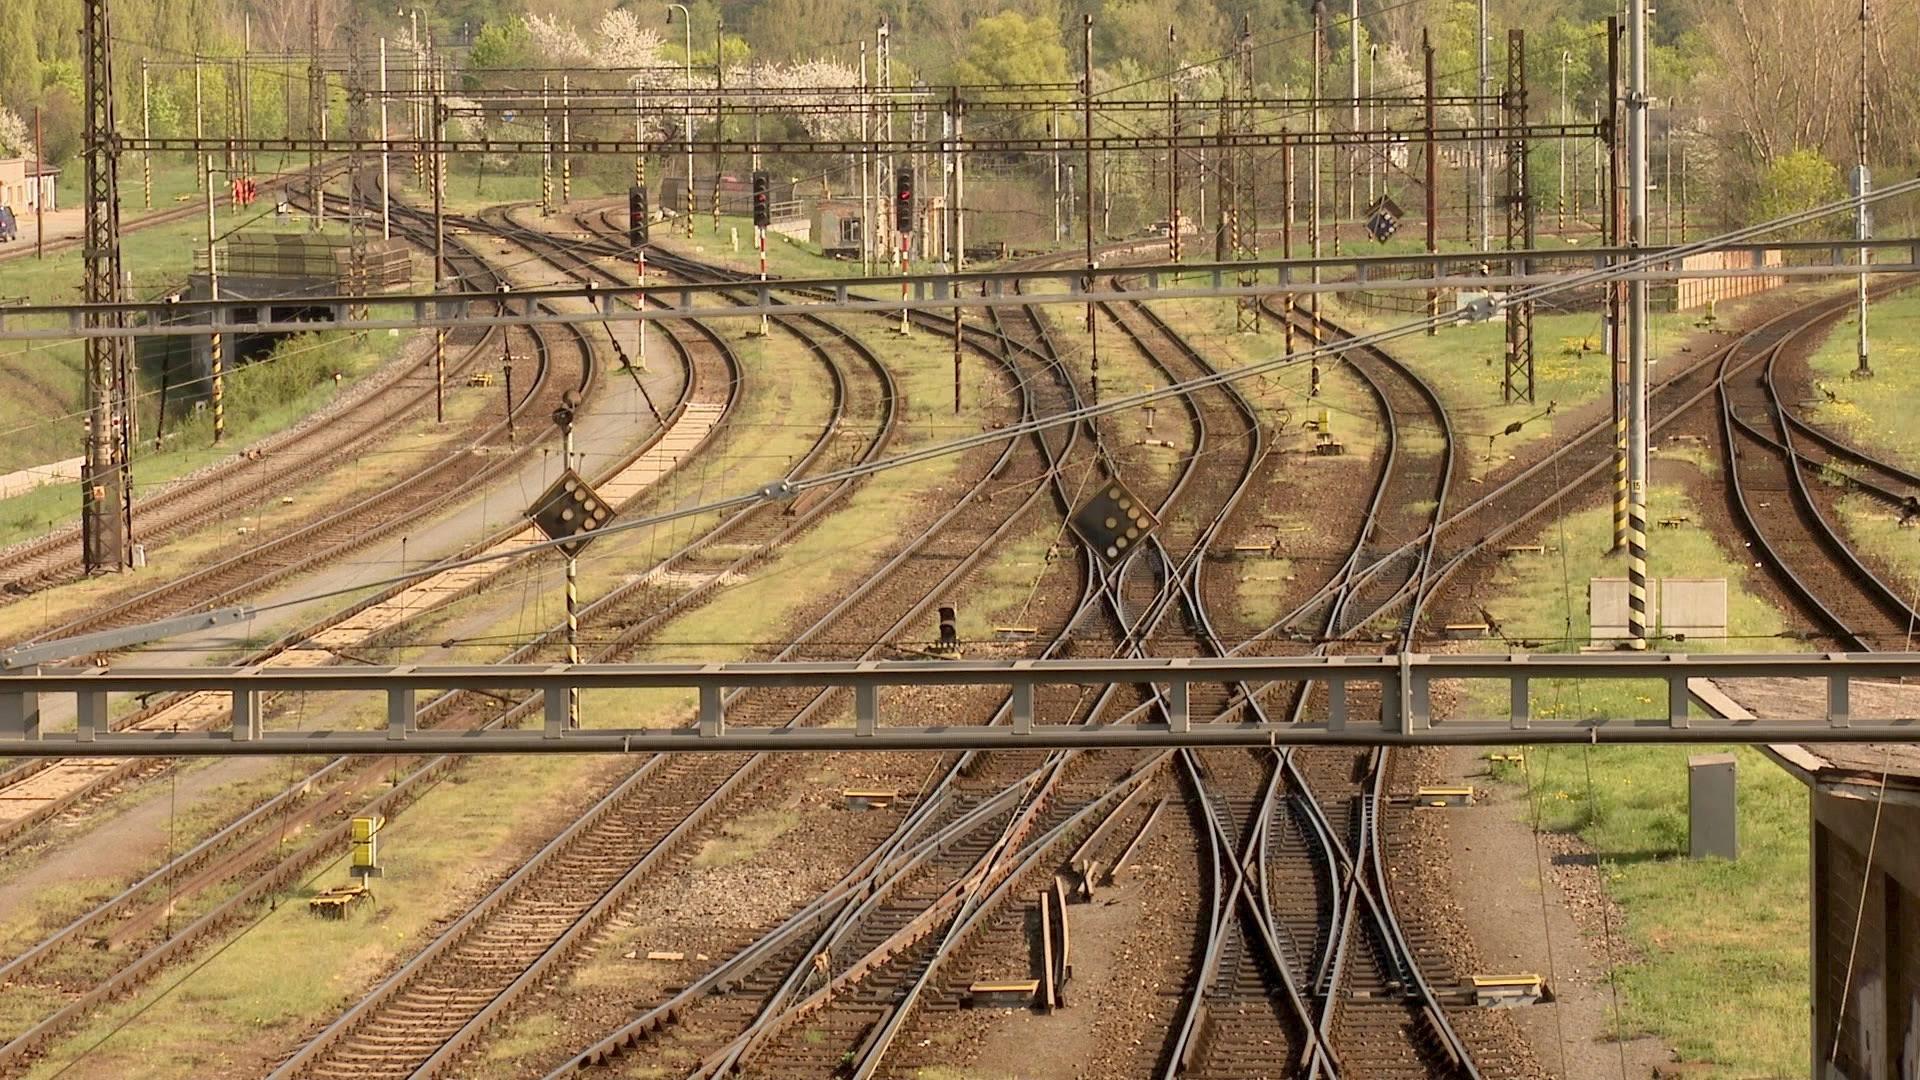 Přesun brněnského nádraží? Na nákladní vlaky se pozapomnělo, dopravci tvrdí, že železnice zkolabuje